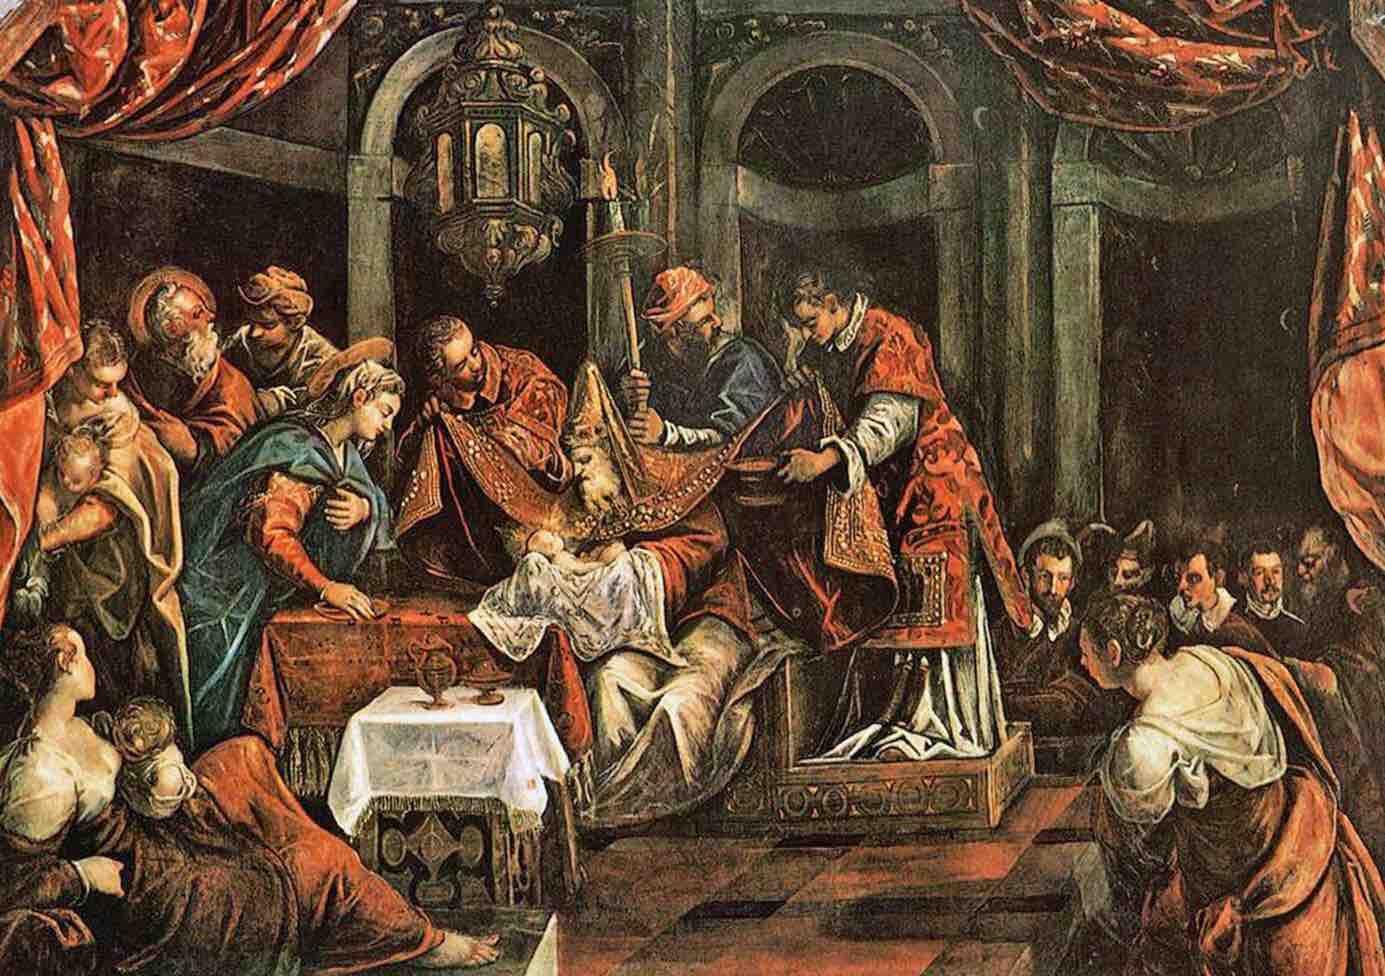 Tintoretto 1519-1594. Pittura Drammatica E Furiosa. 29 Novembre 2018